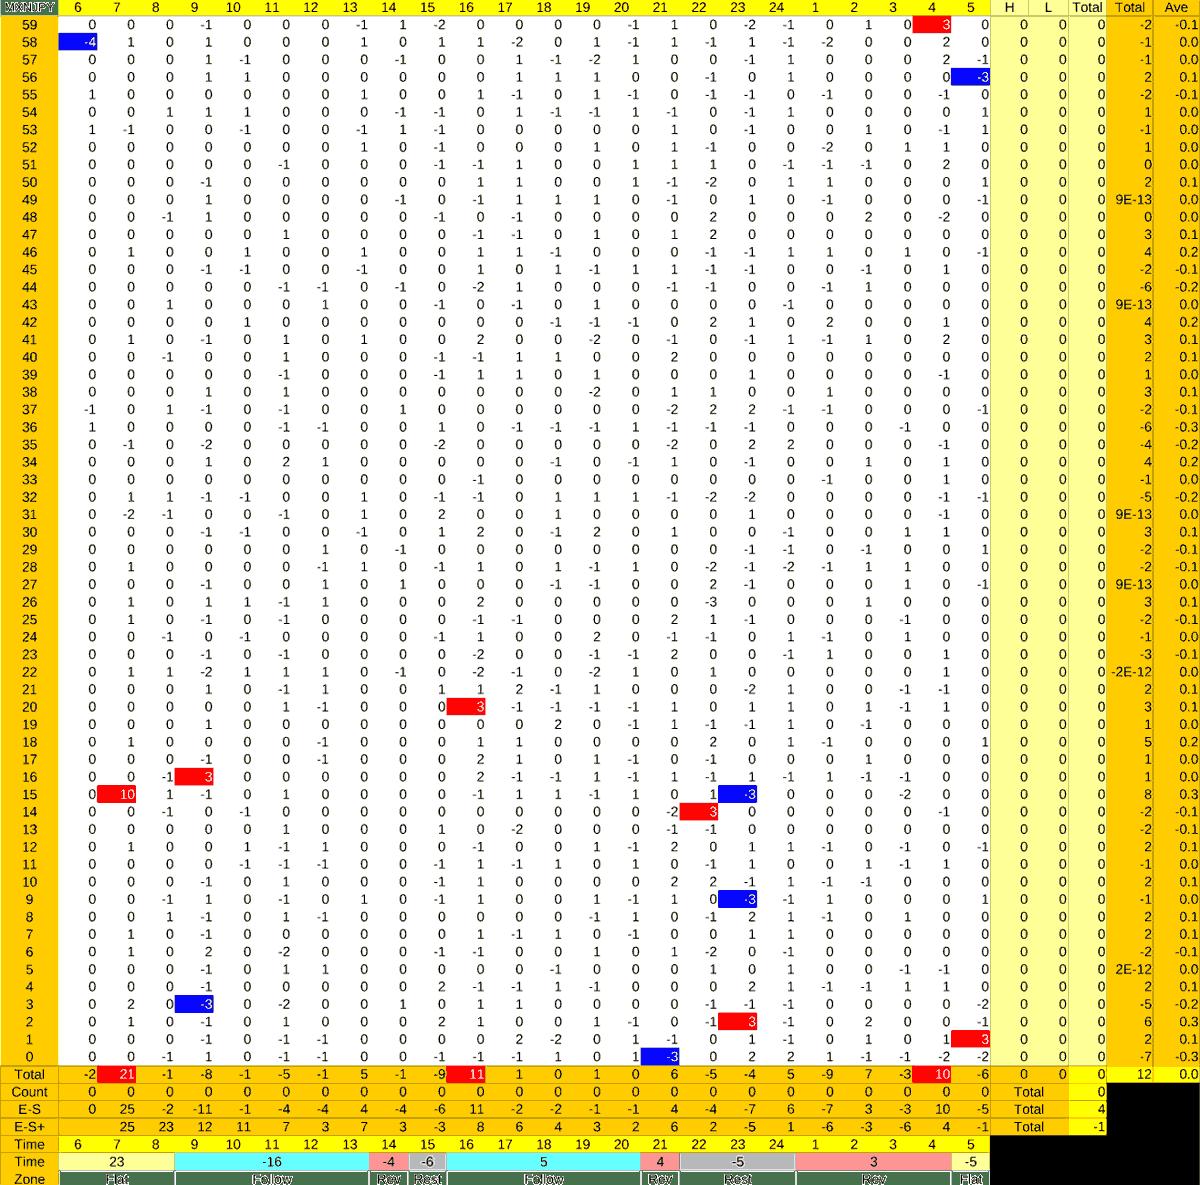 20210816_HS(3)MXNJPY-min